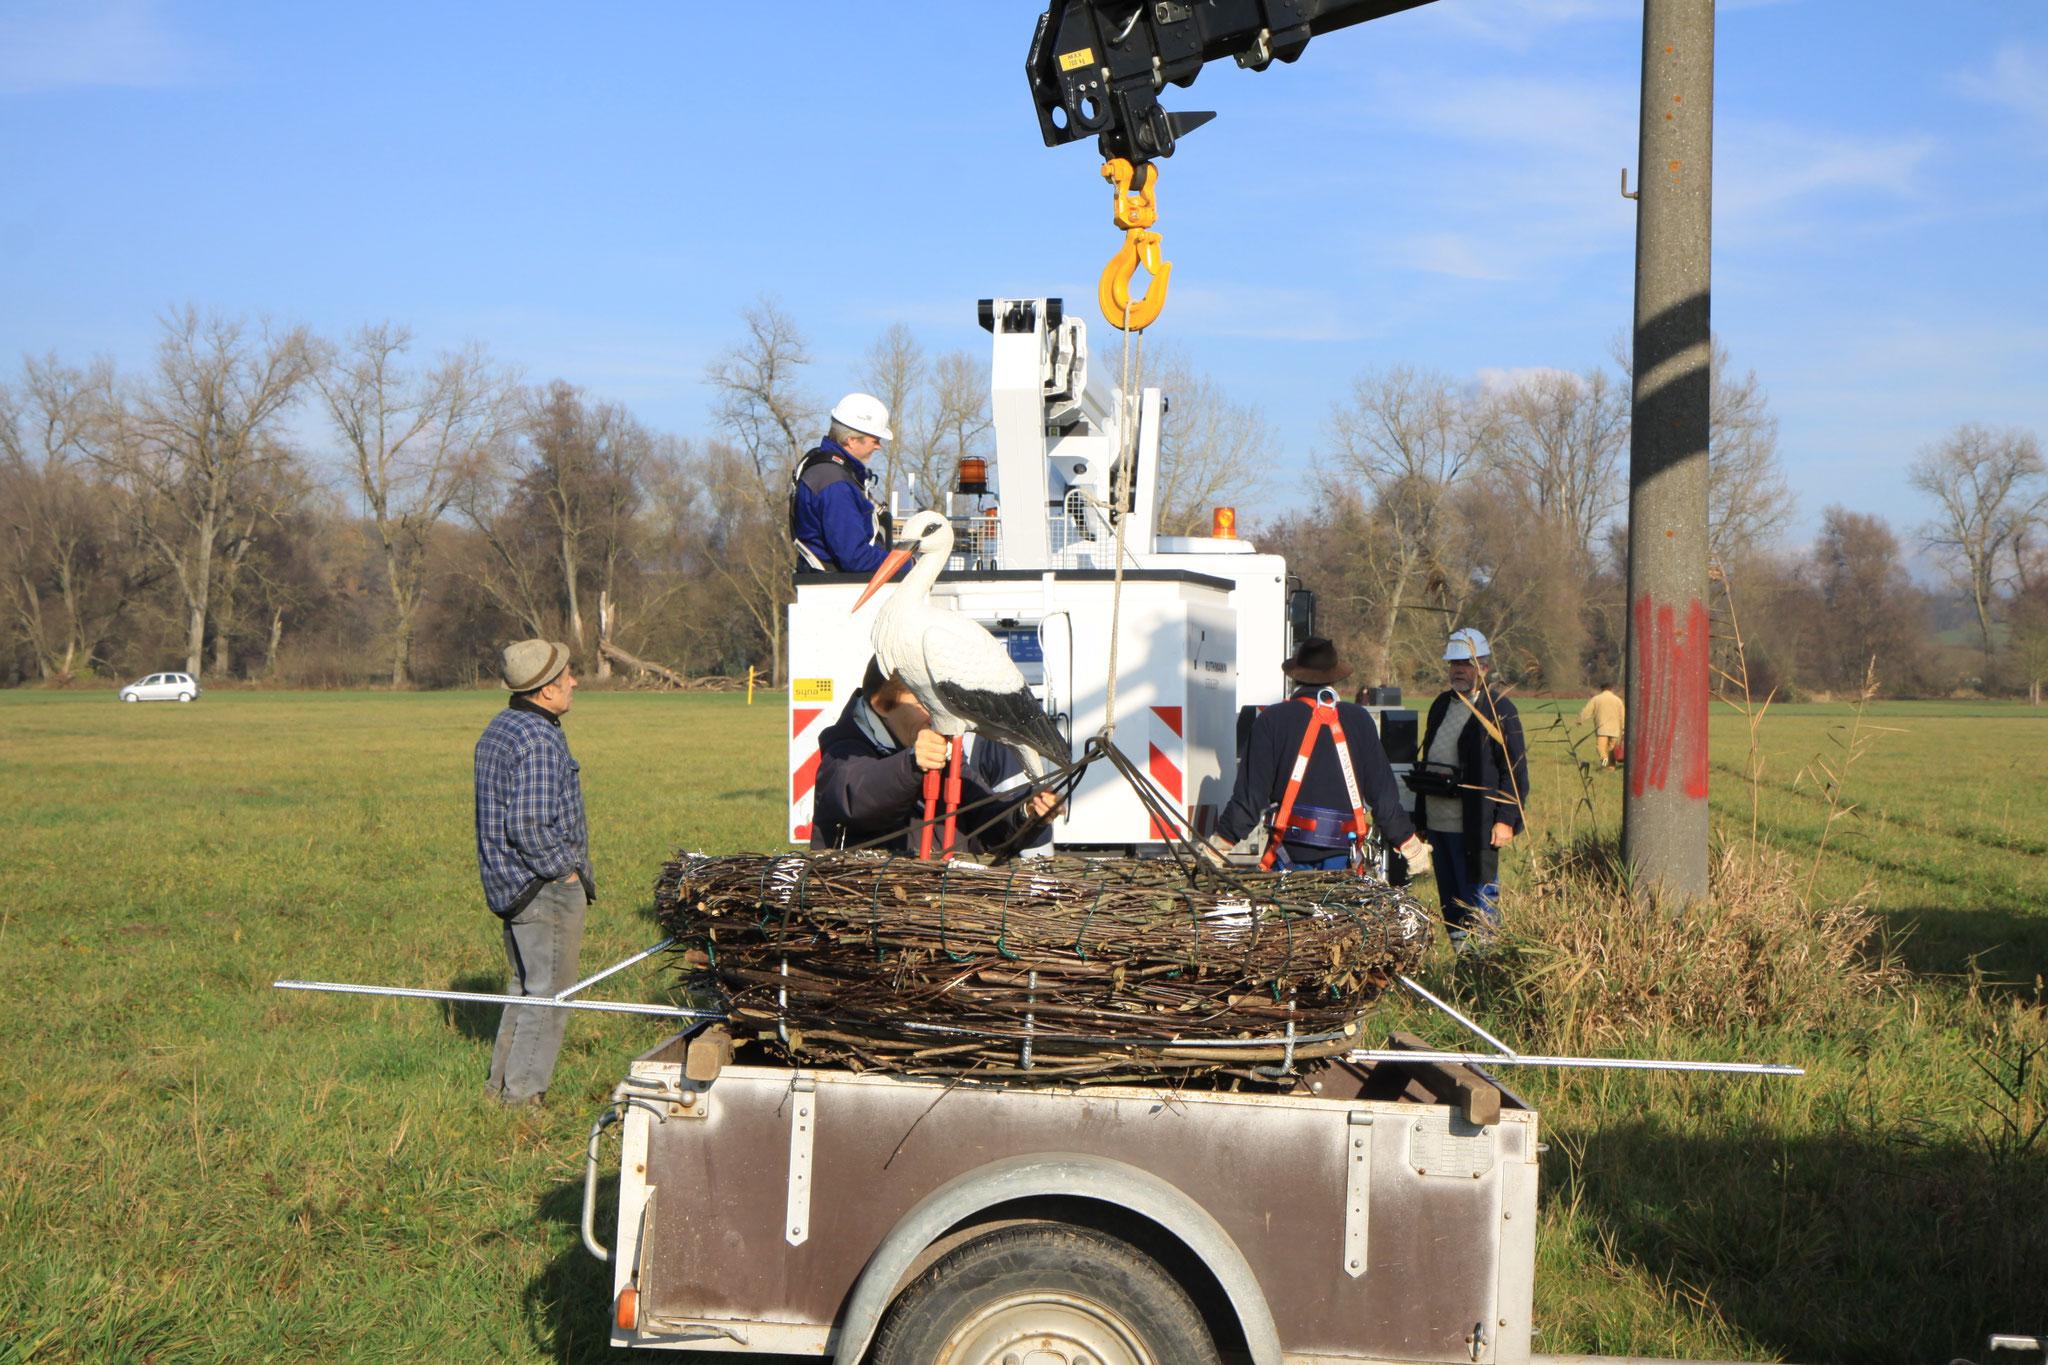 Das Storchennest wird am Kran befestigt (Foto: B. Budig)